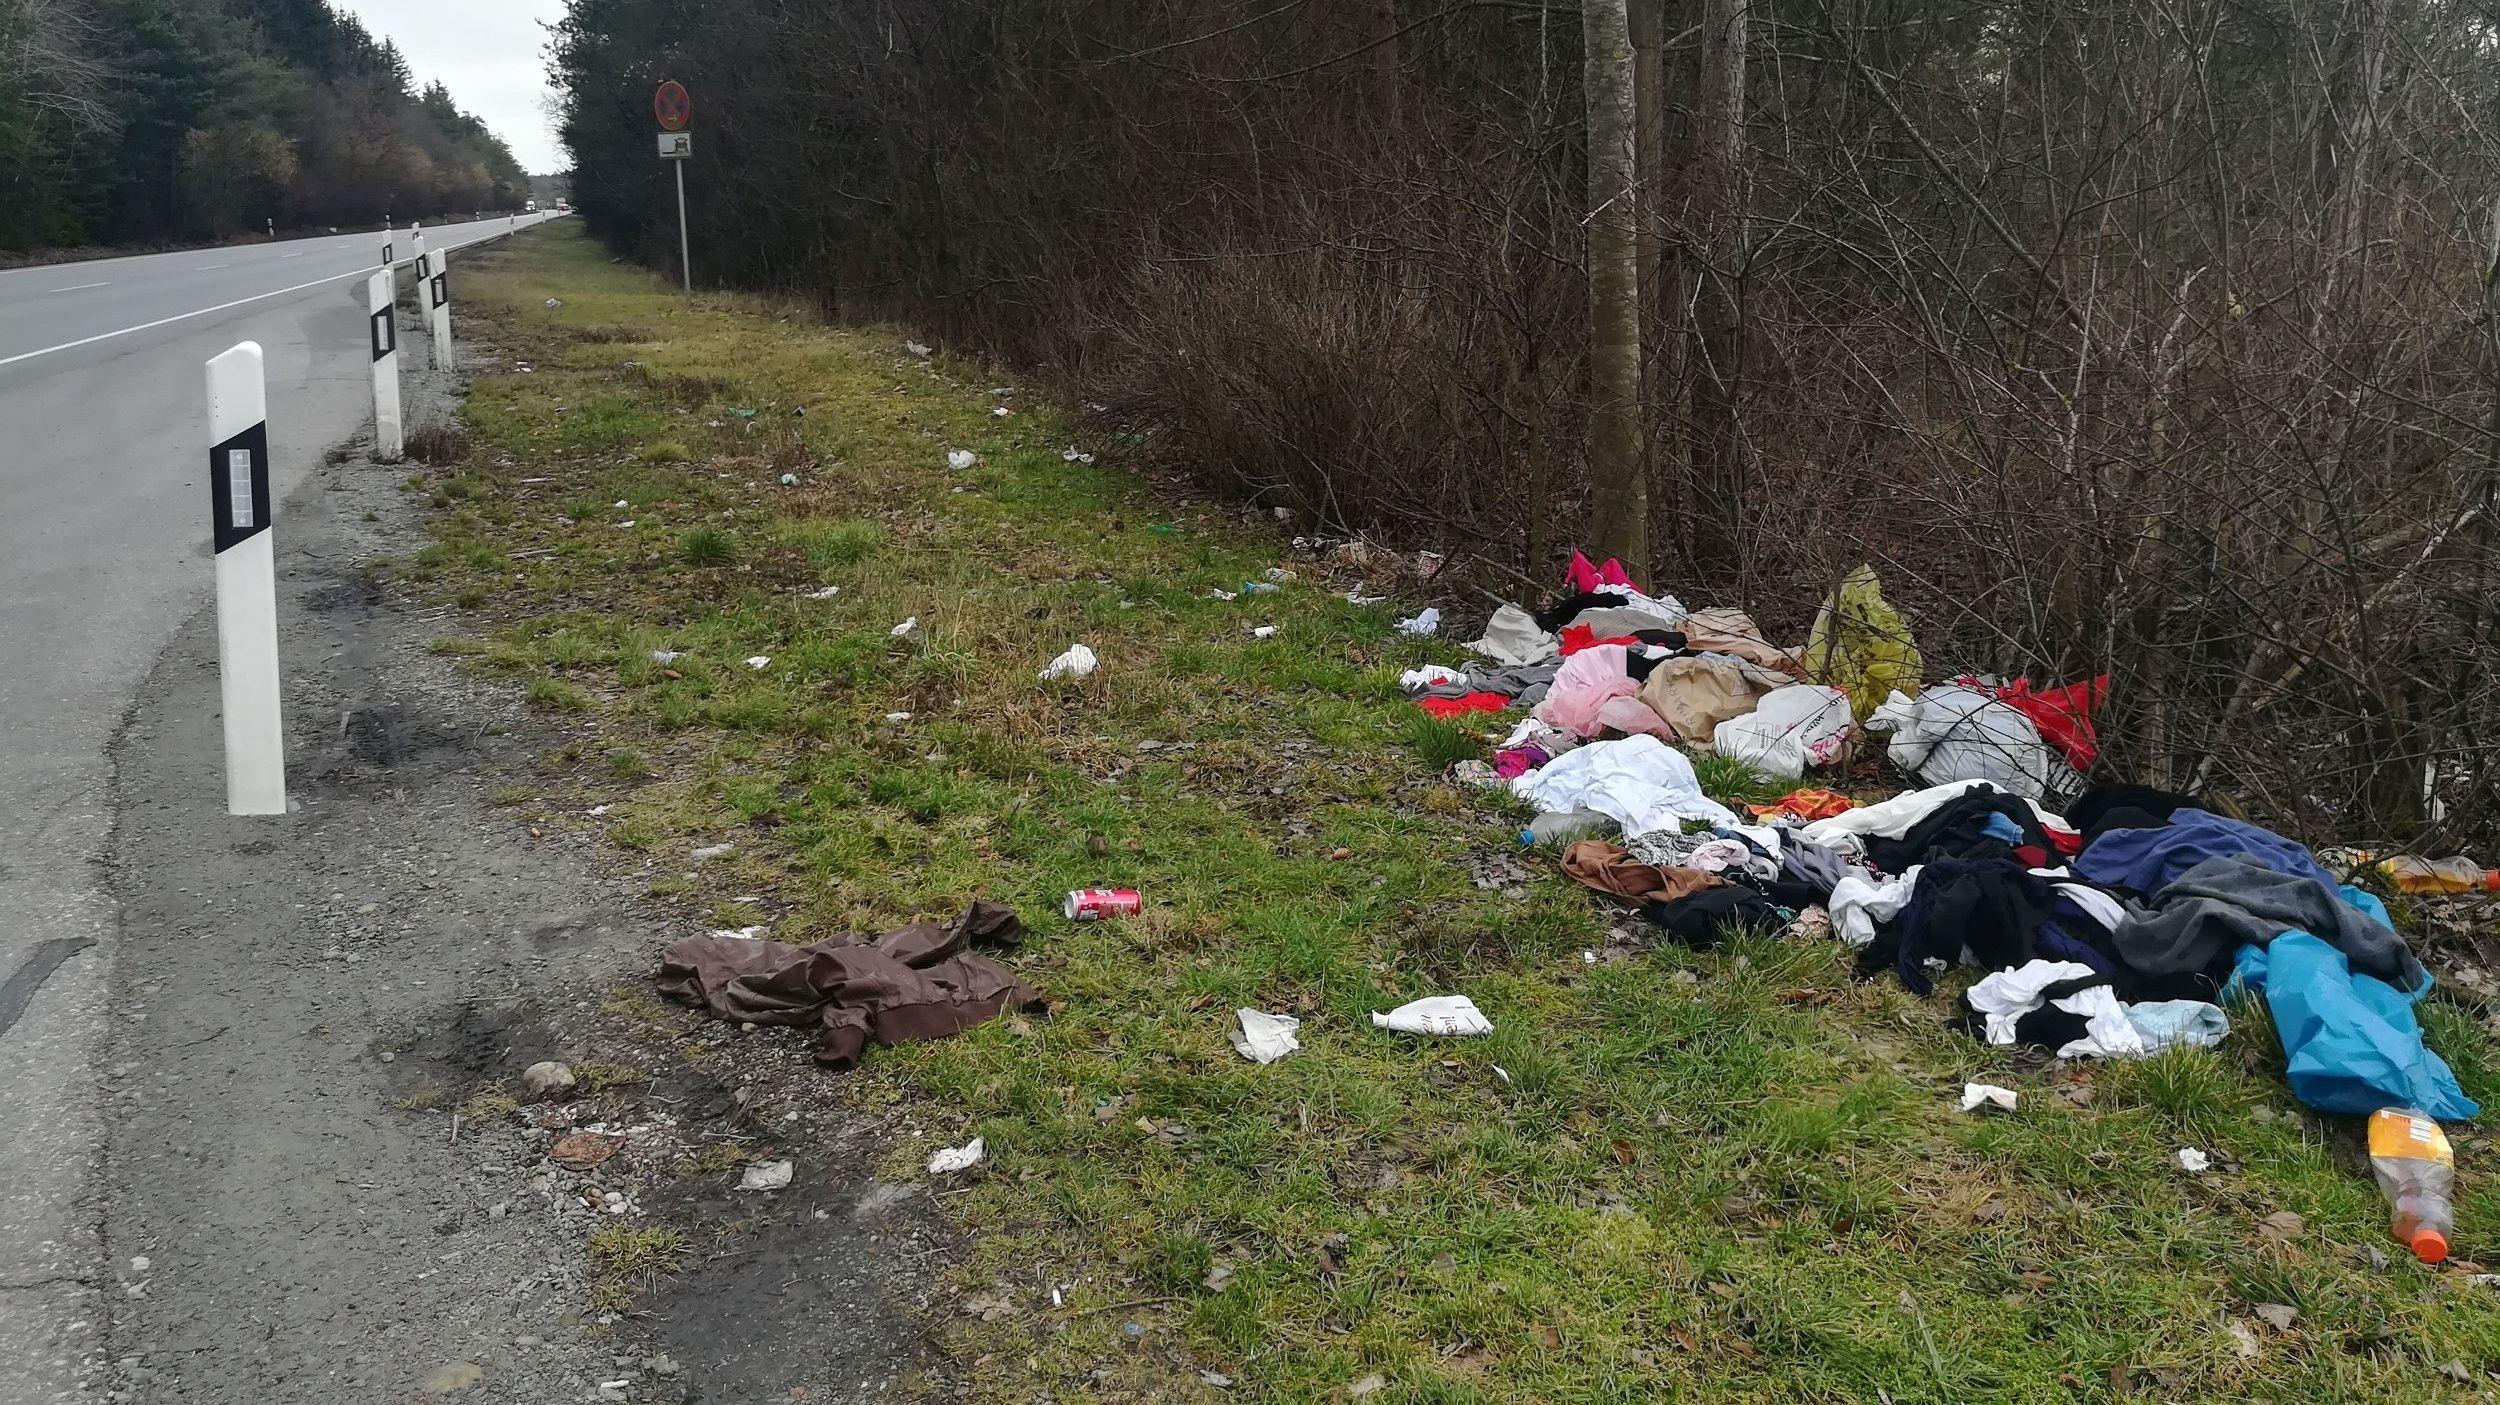 Das Bild zeigt illegal am Straßenrand entsorgte Altkleider in Mülltüten.